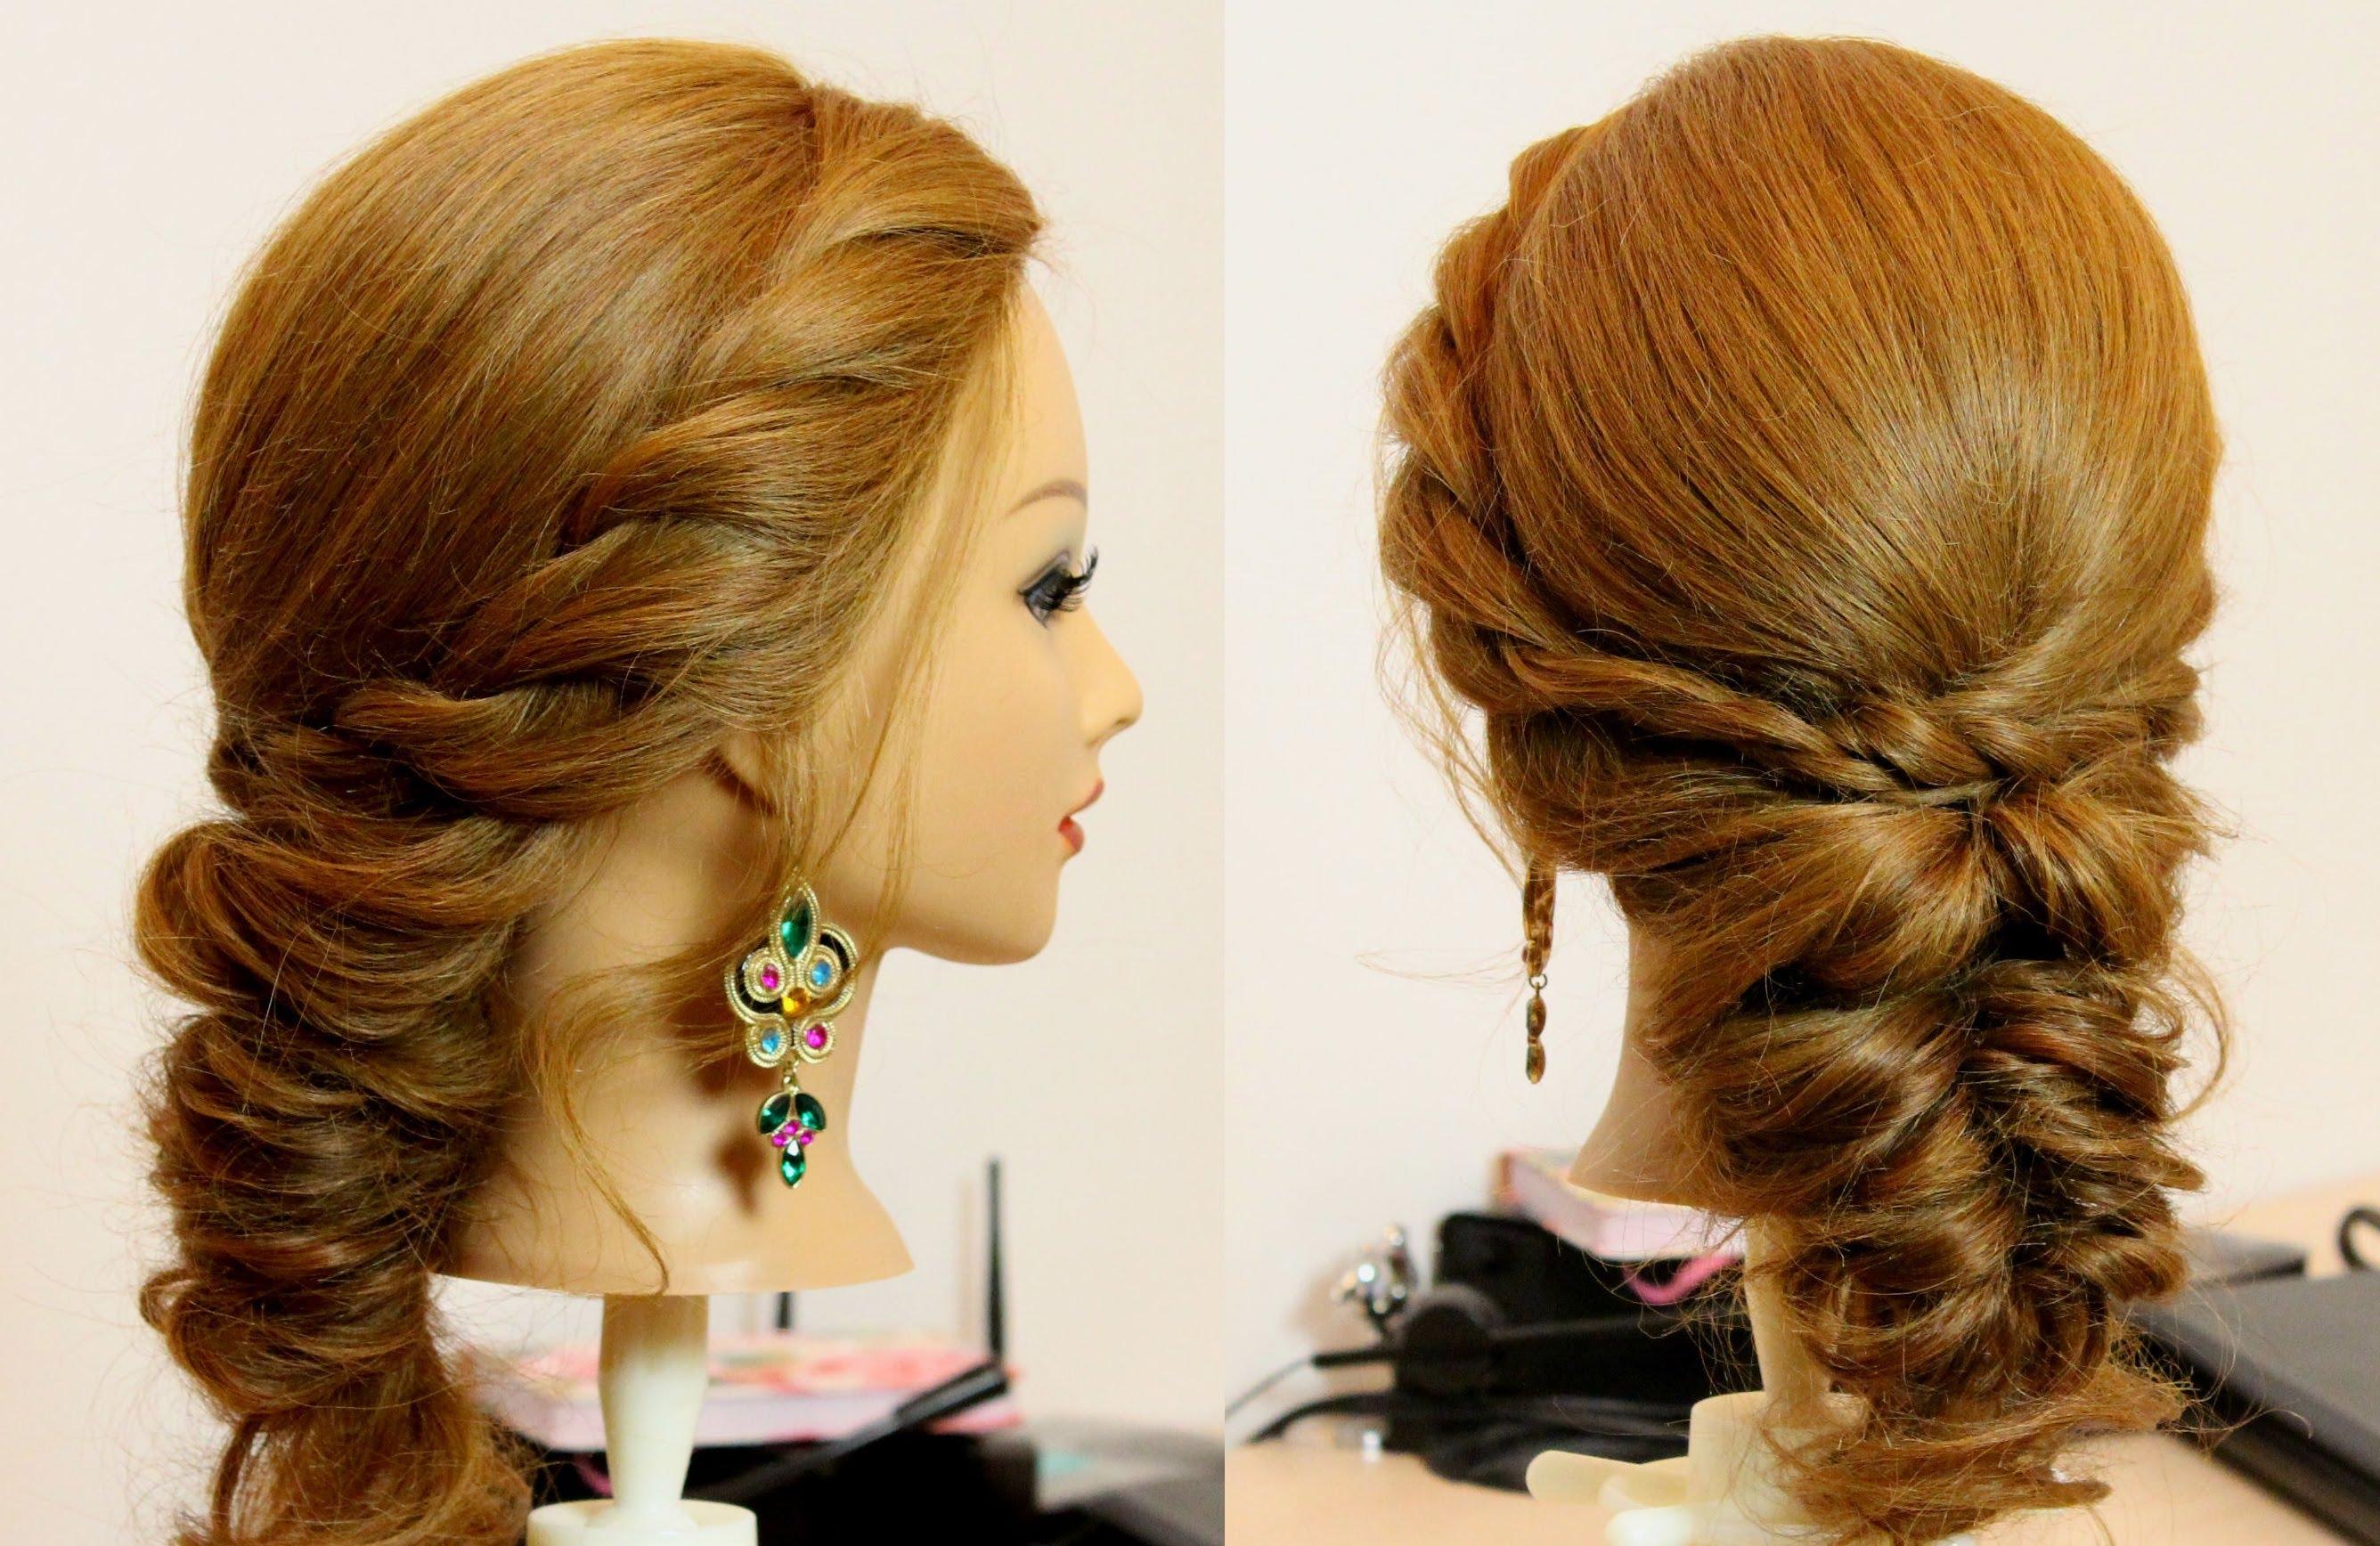 صورة تسريحات بسيطة للشعر , احدث الصيحات فى تسريحة الشعر للبنات